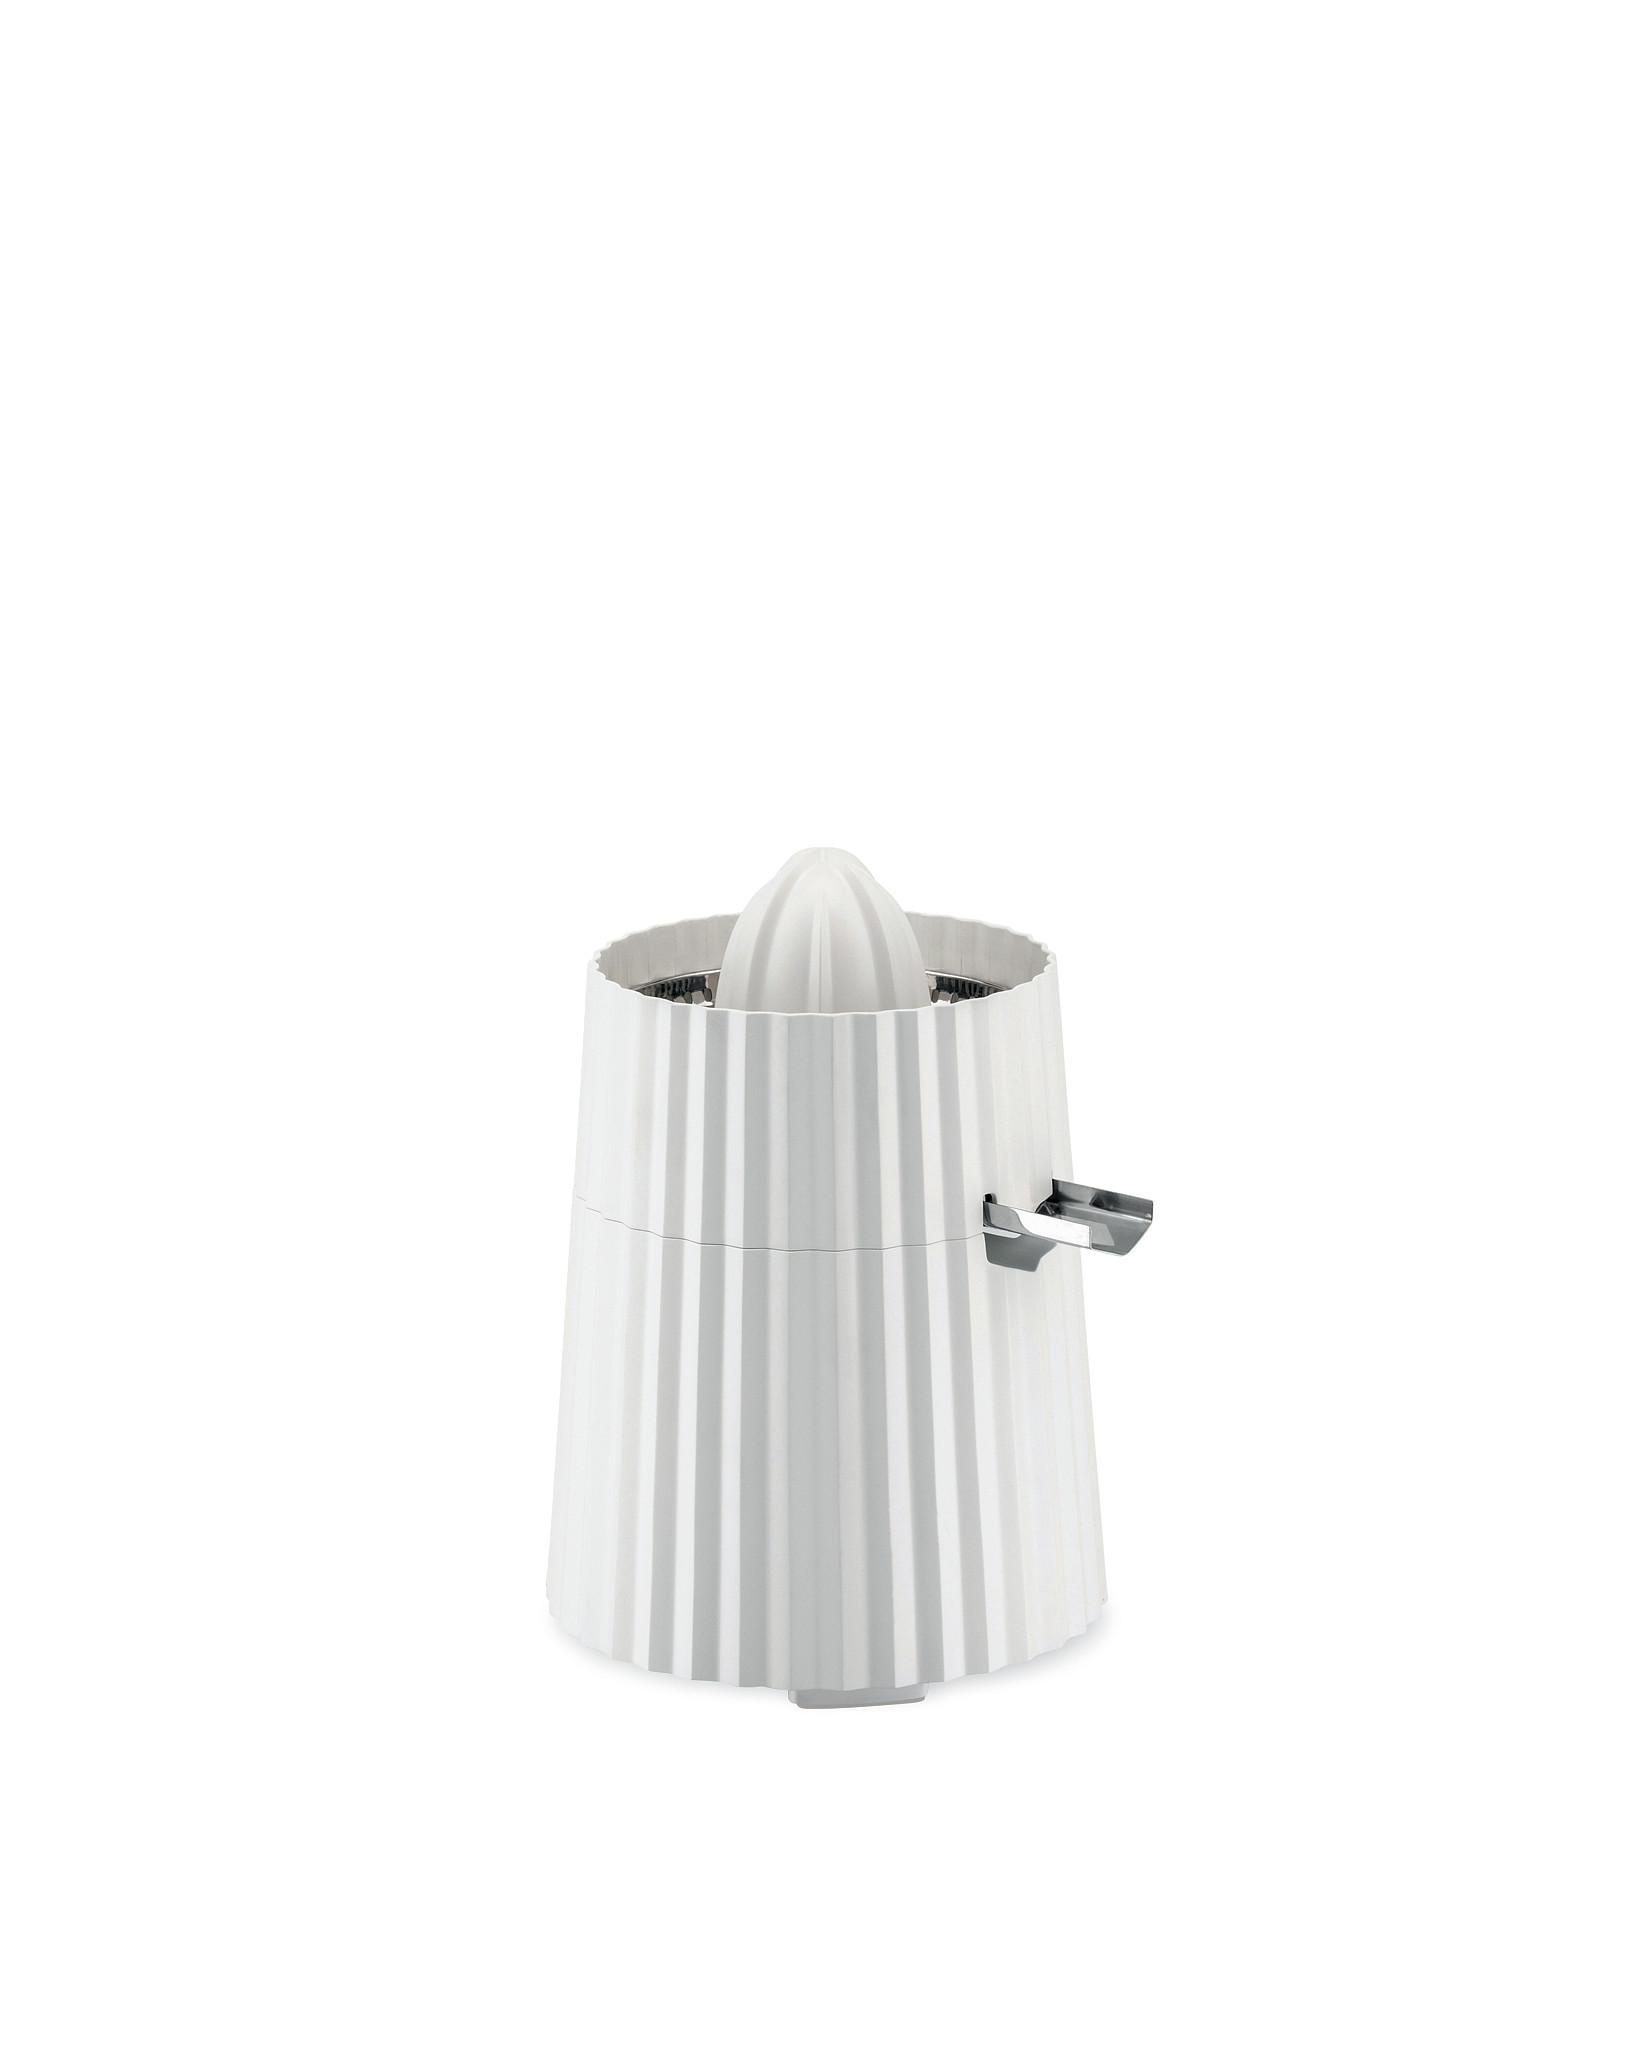 Elektrický odšťavňovač na citrusy Plisse, bílý, prům. 18.5 cm - Alessi